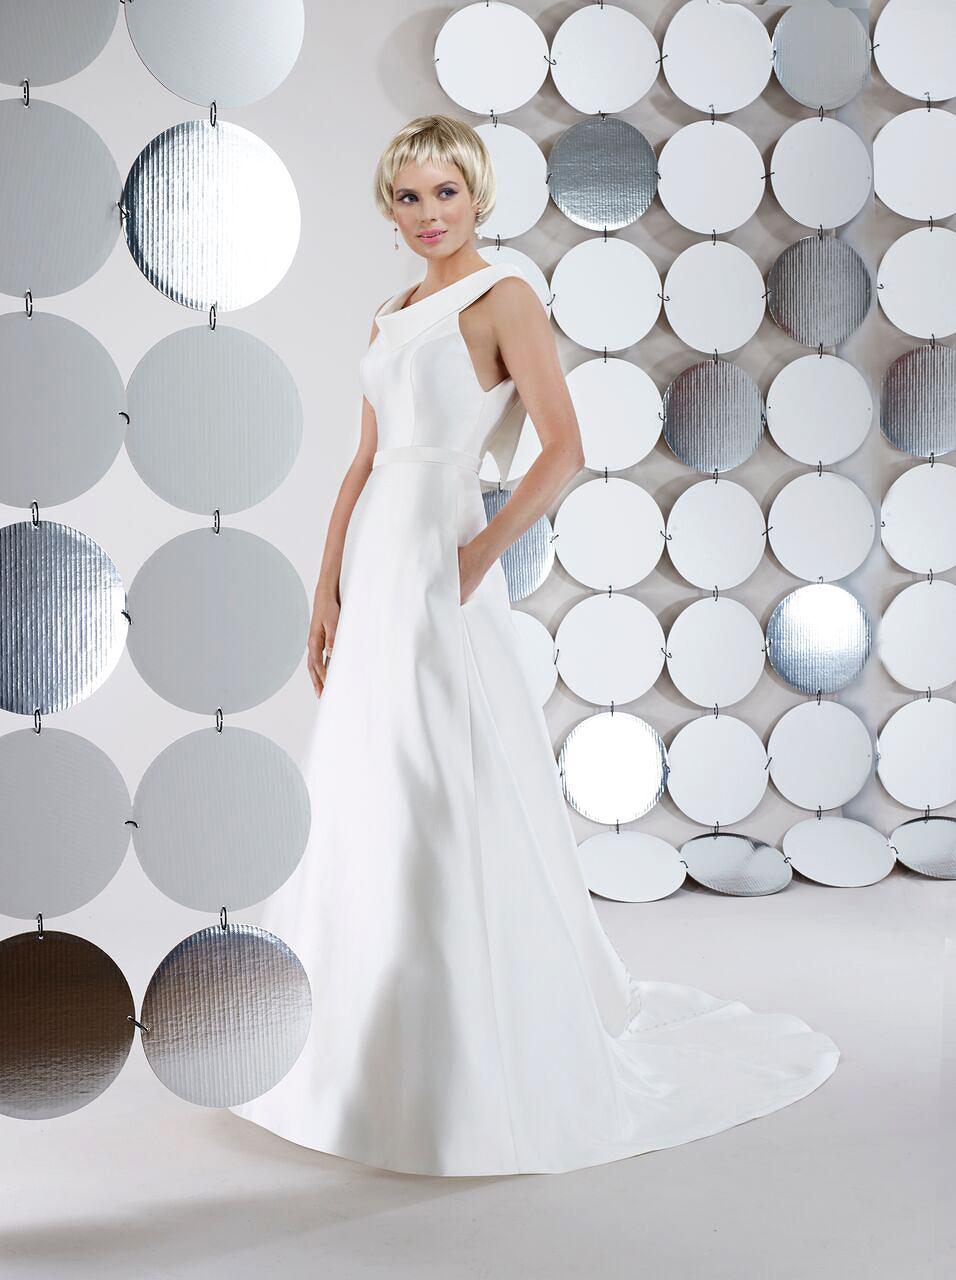 steven birnbaum bridal wedding dress fall 2018 sleeveless a line